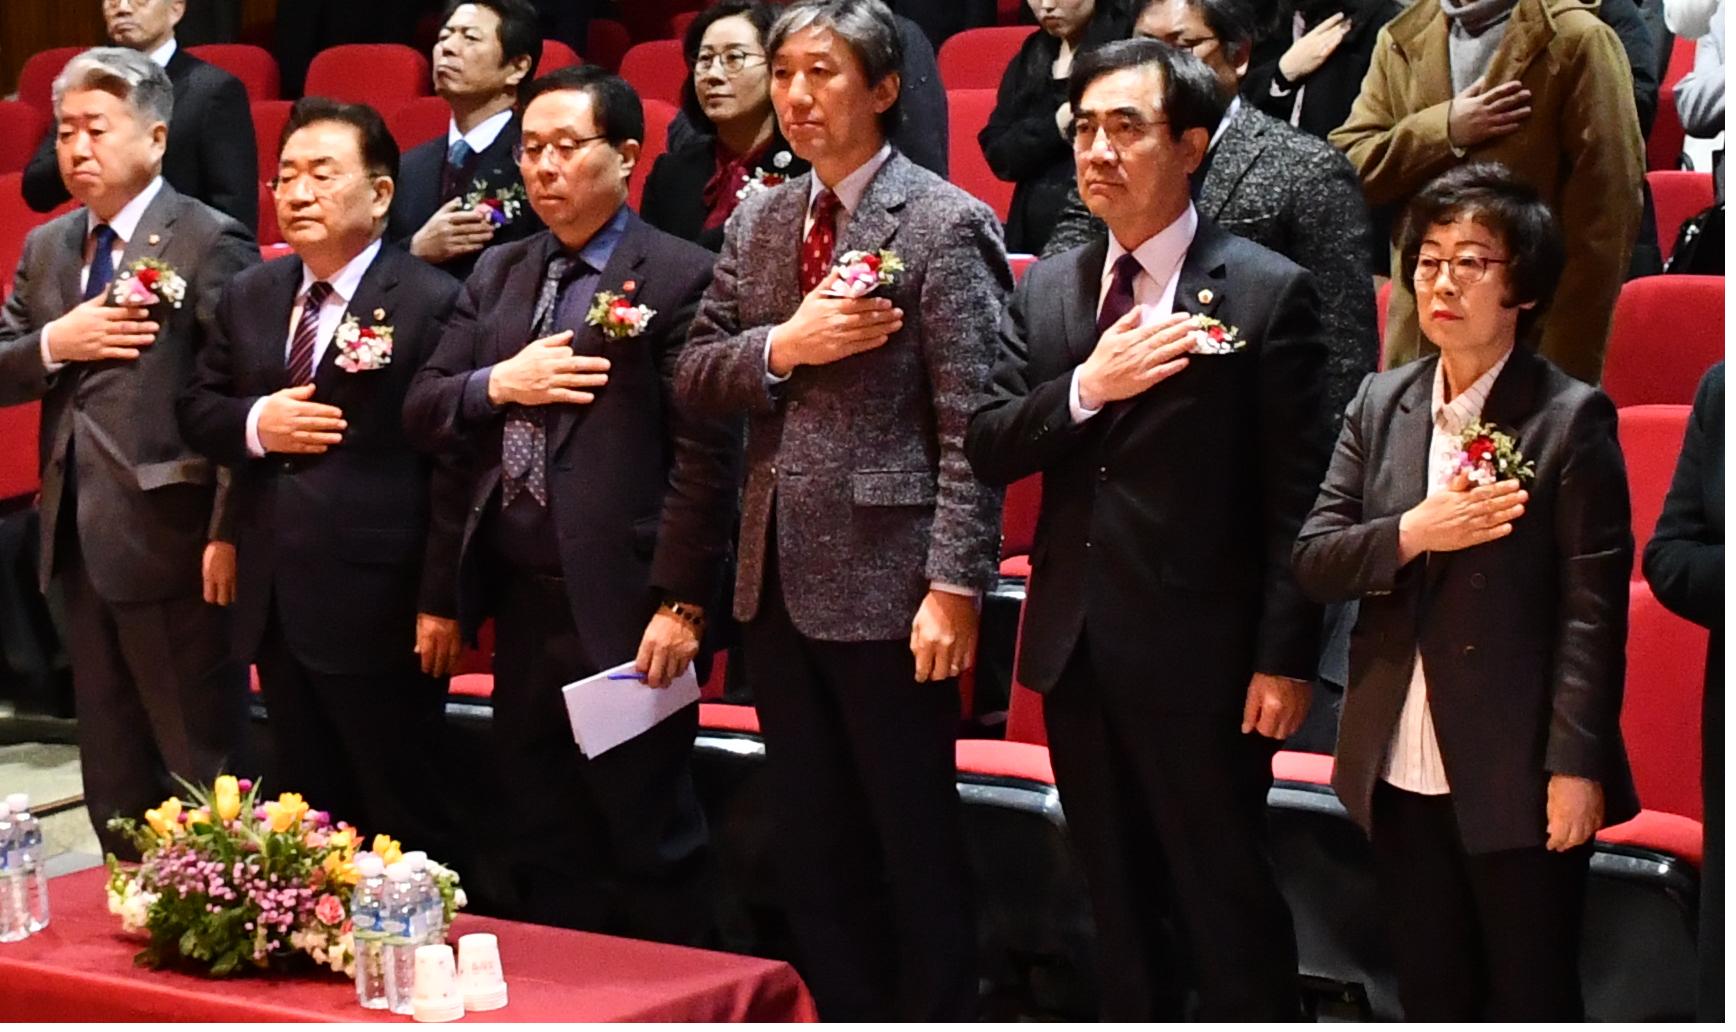 Lễ nhận chức chủ tịch đại học quốc tế Cheju Cheol-Jun